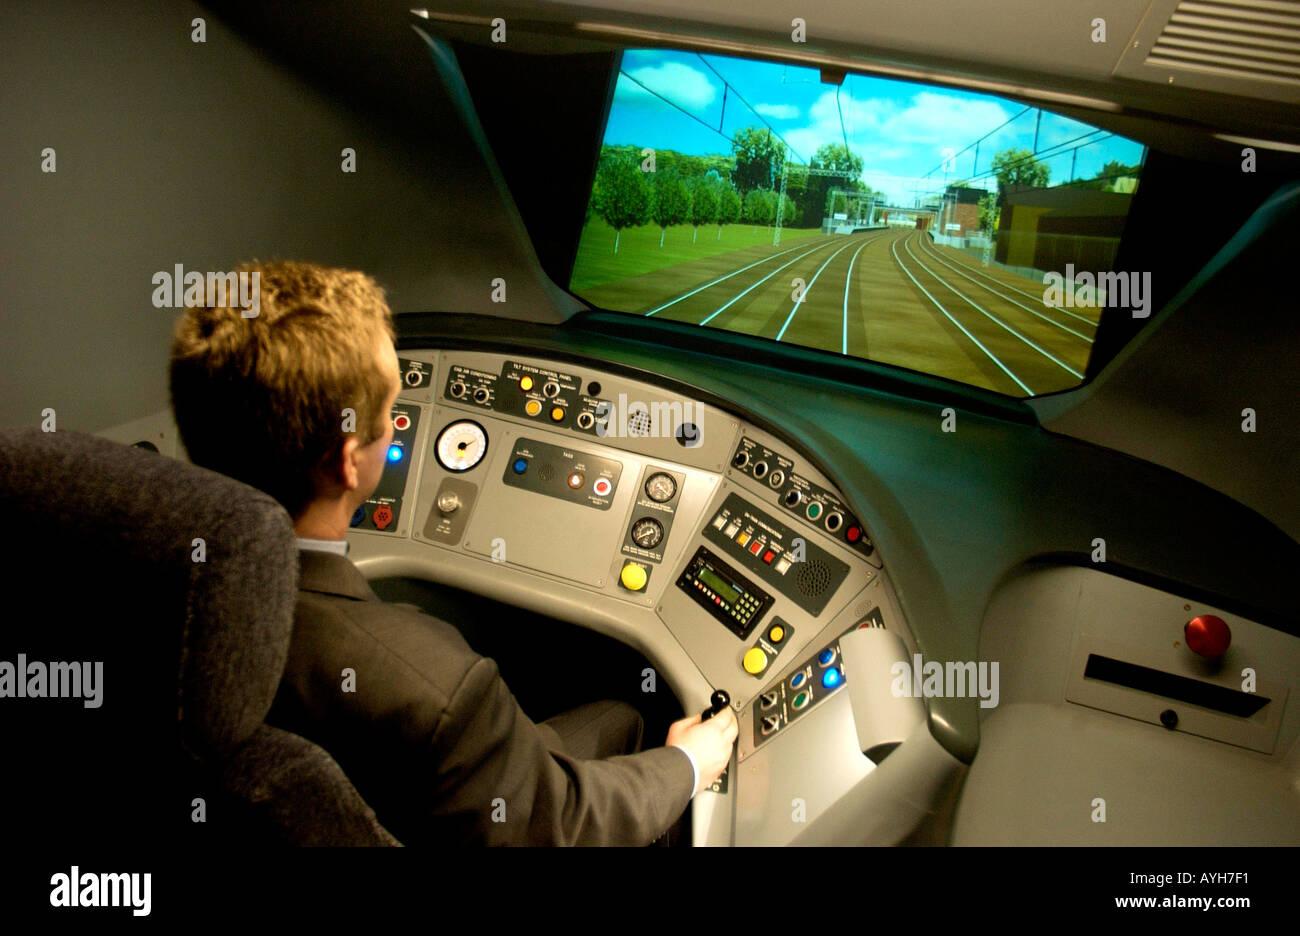 Virgin trains simulator at Crewe - Stock Image